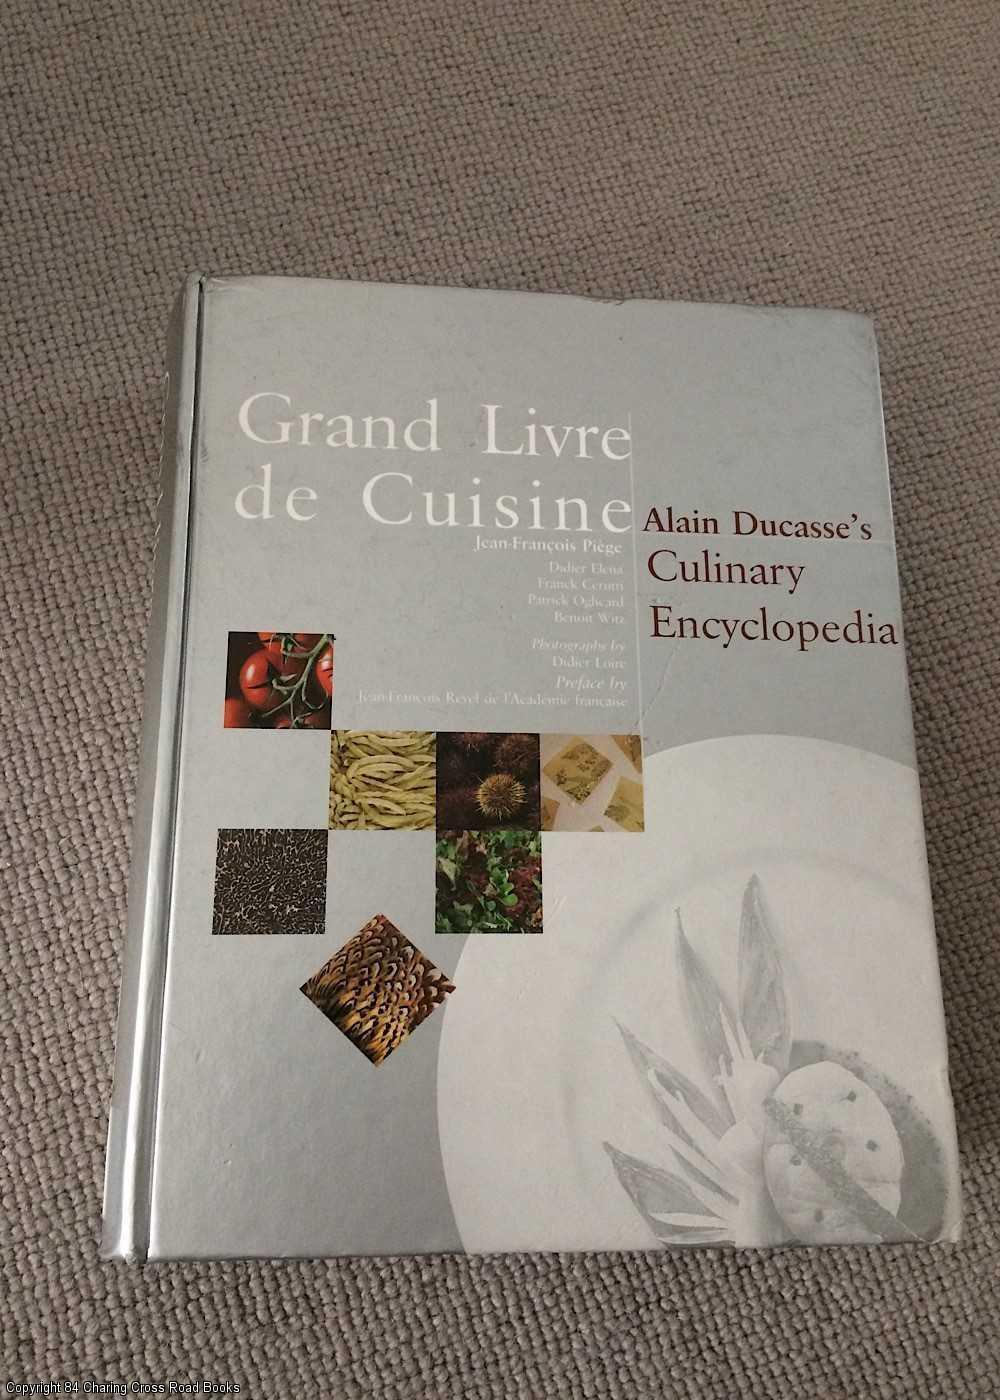 Grand livre de cuisine zvab for Alain ducasse grand livre de cuisine